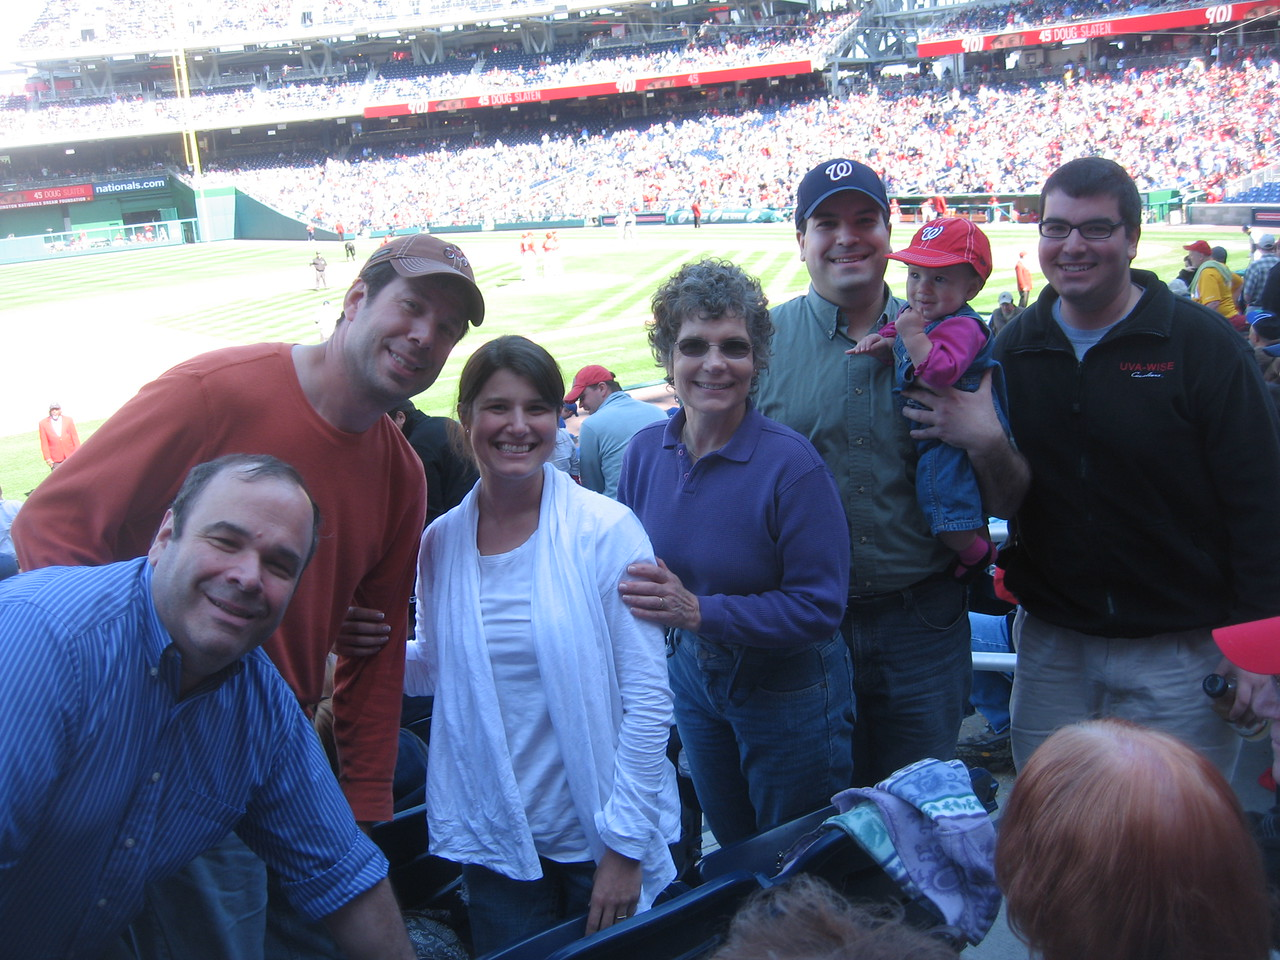 Craig (green shirt) and family